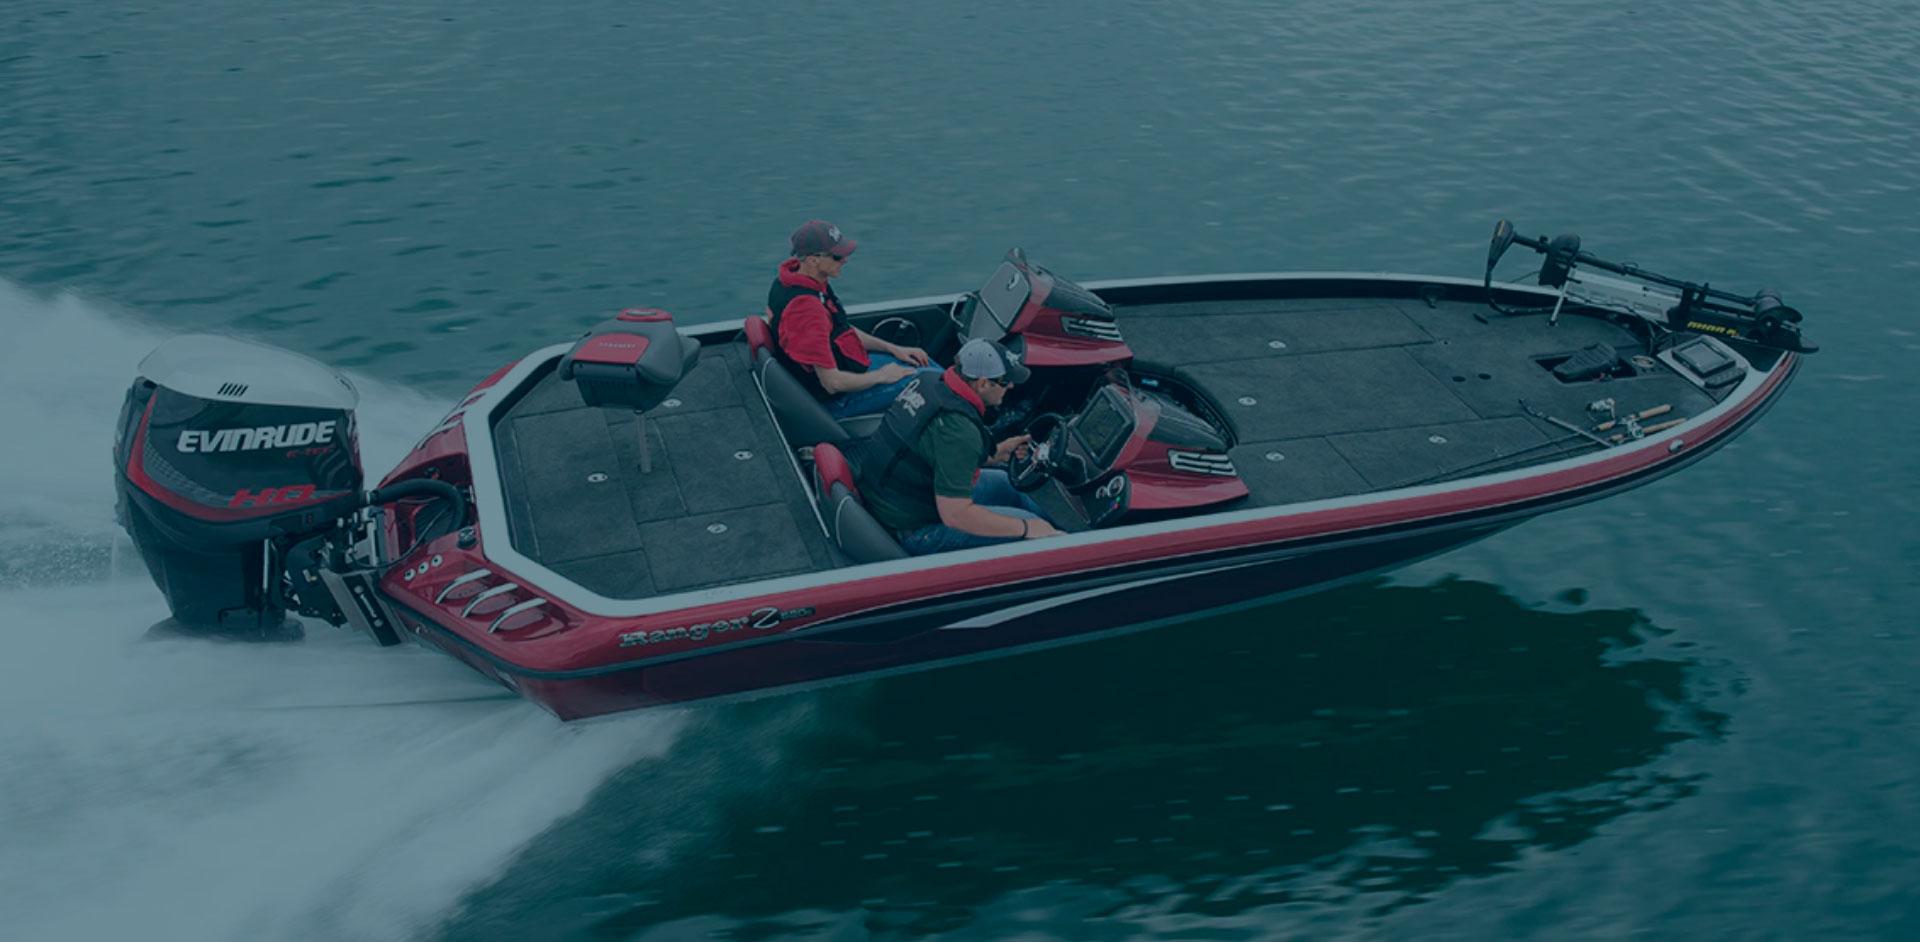 Home Atlantic Boat Rental And Repair Plymouth Ma 508 746 3988